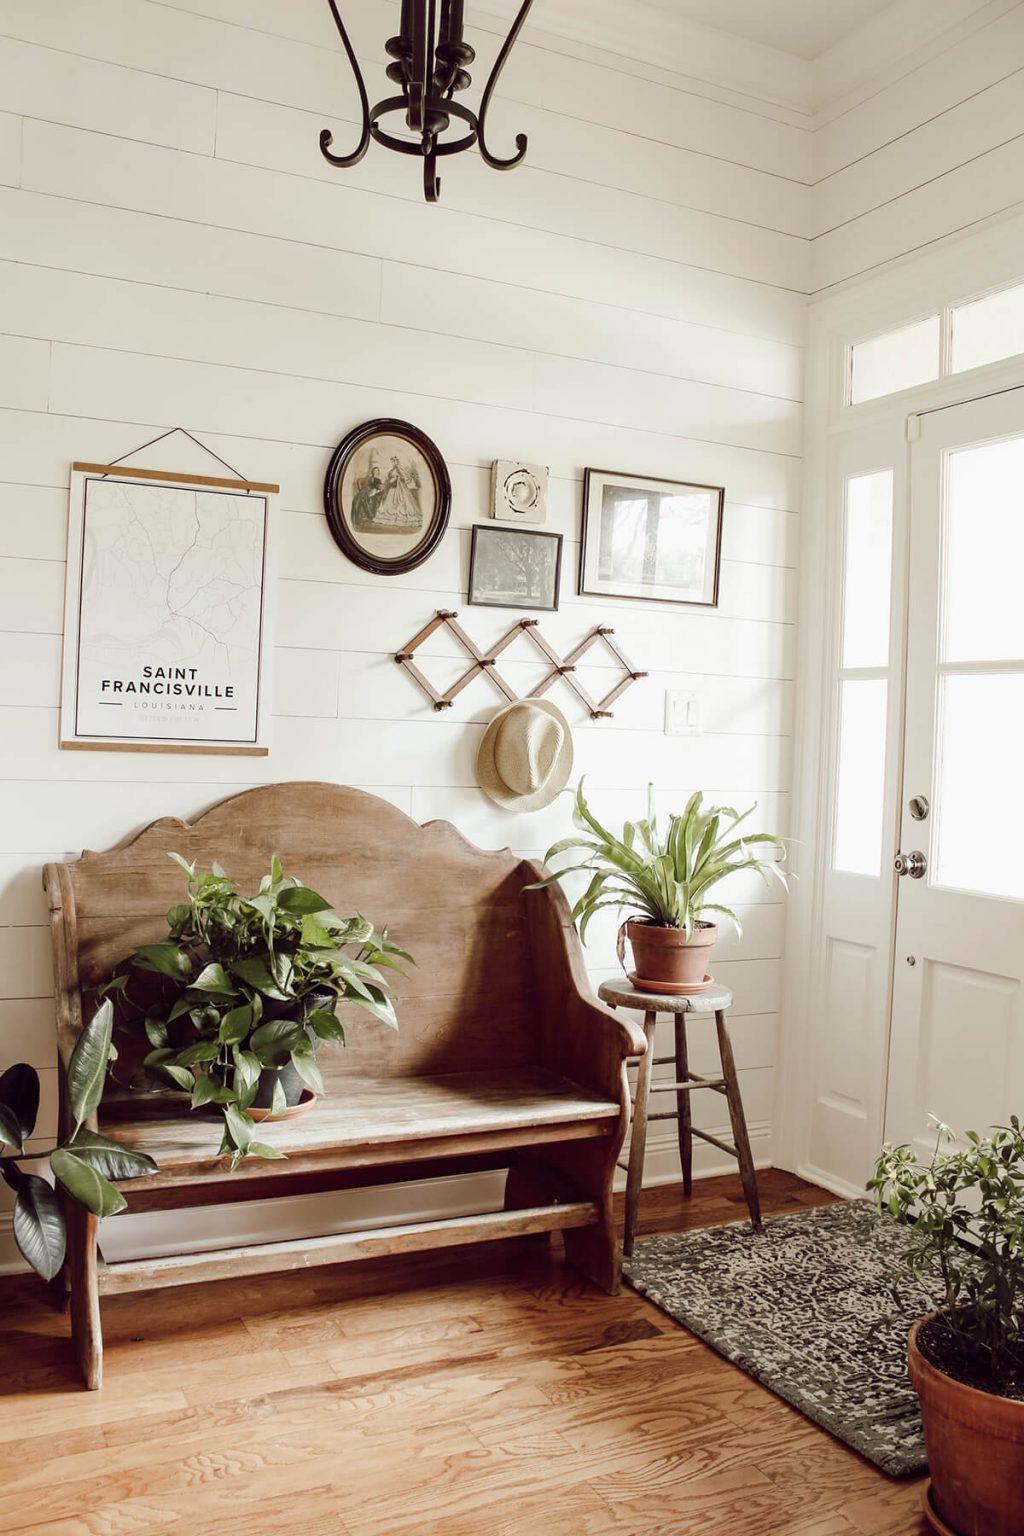 06g-best-rustic-entryway-decorating-ideas-homebnc-v6-1024x1536